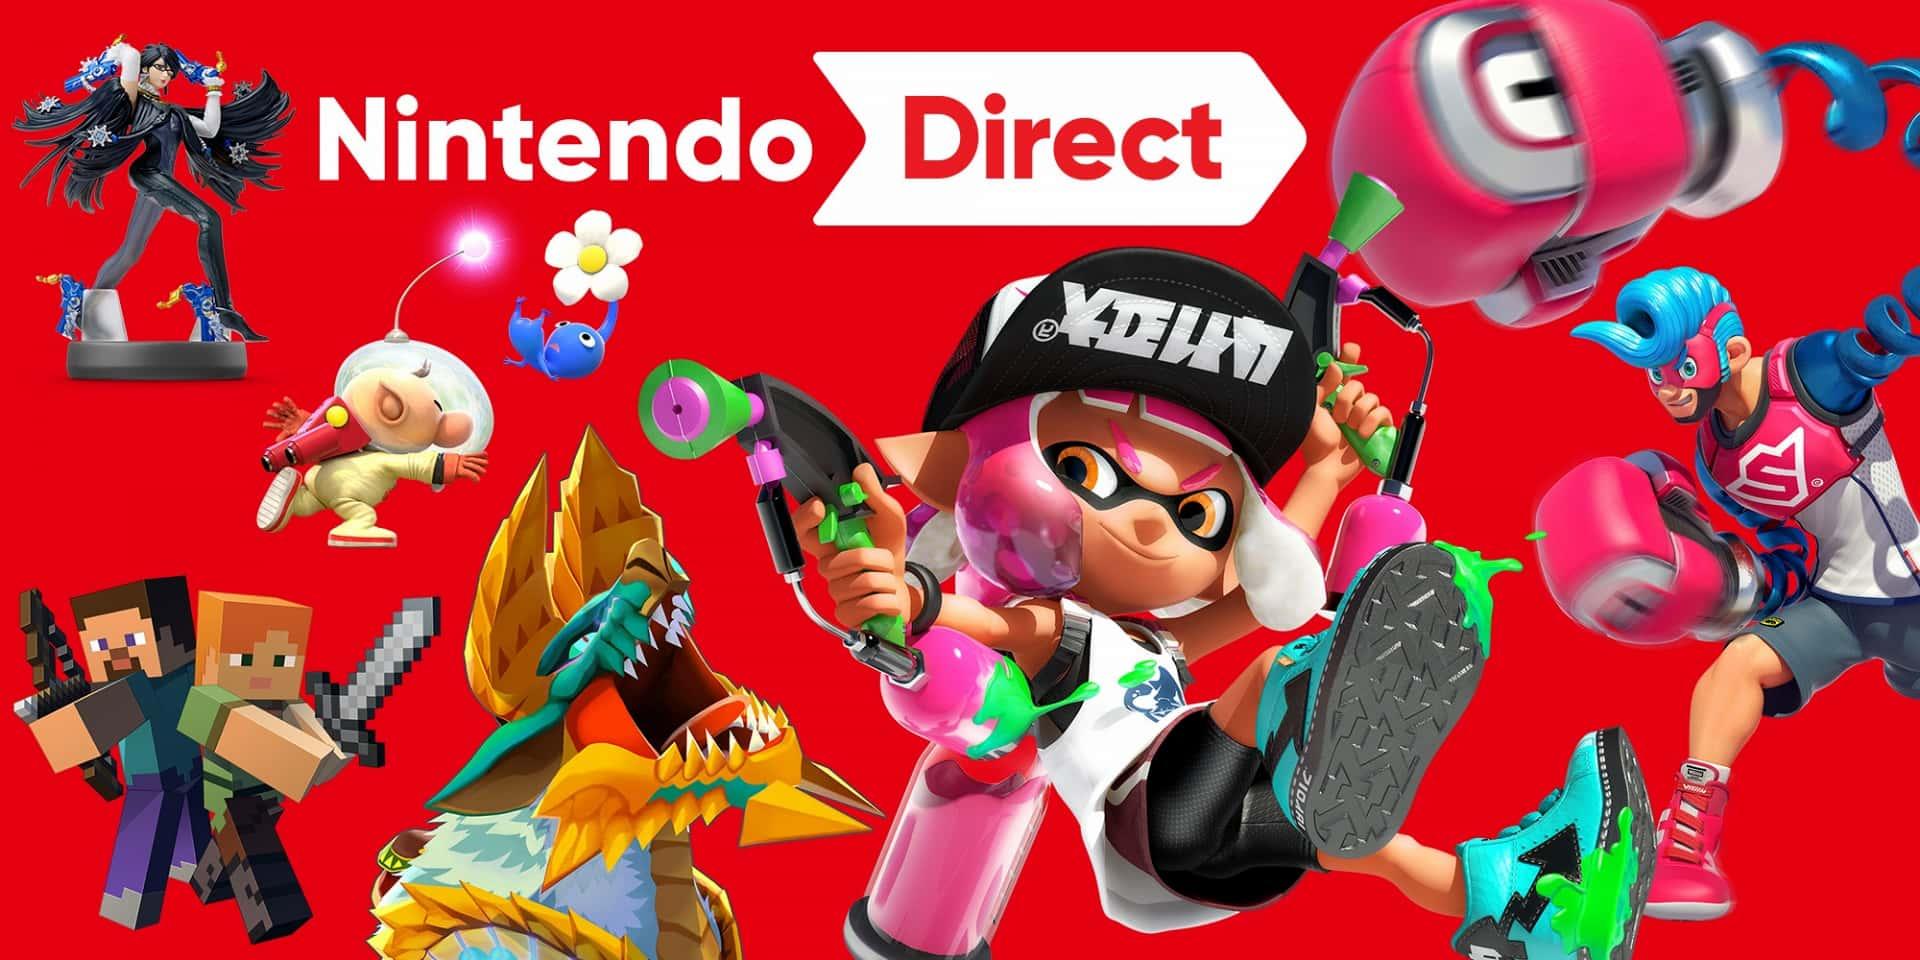 日本時間の6月13日の午前1時に実施した米国任天堂のプレゼンテーションNintendo Direct E3 2018をはじめ現地での